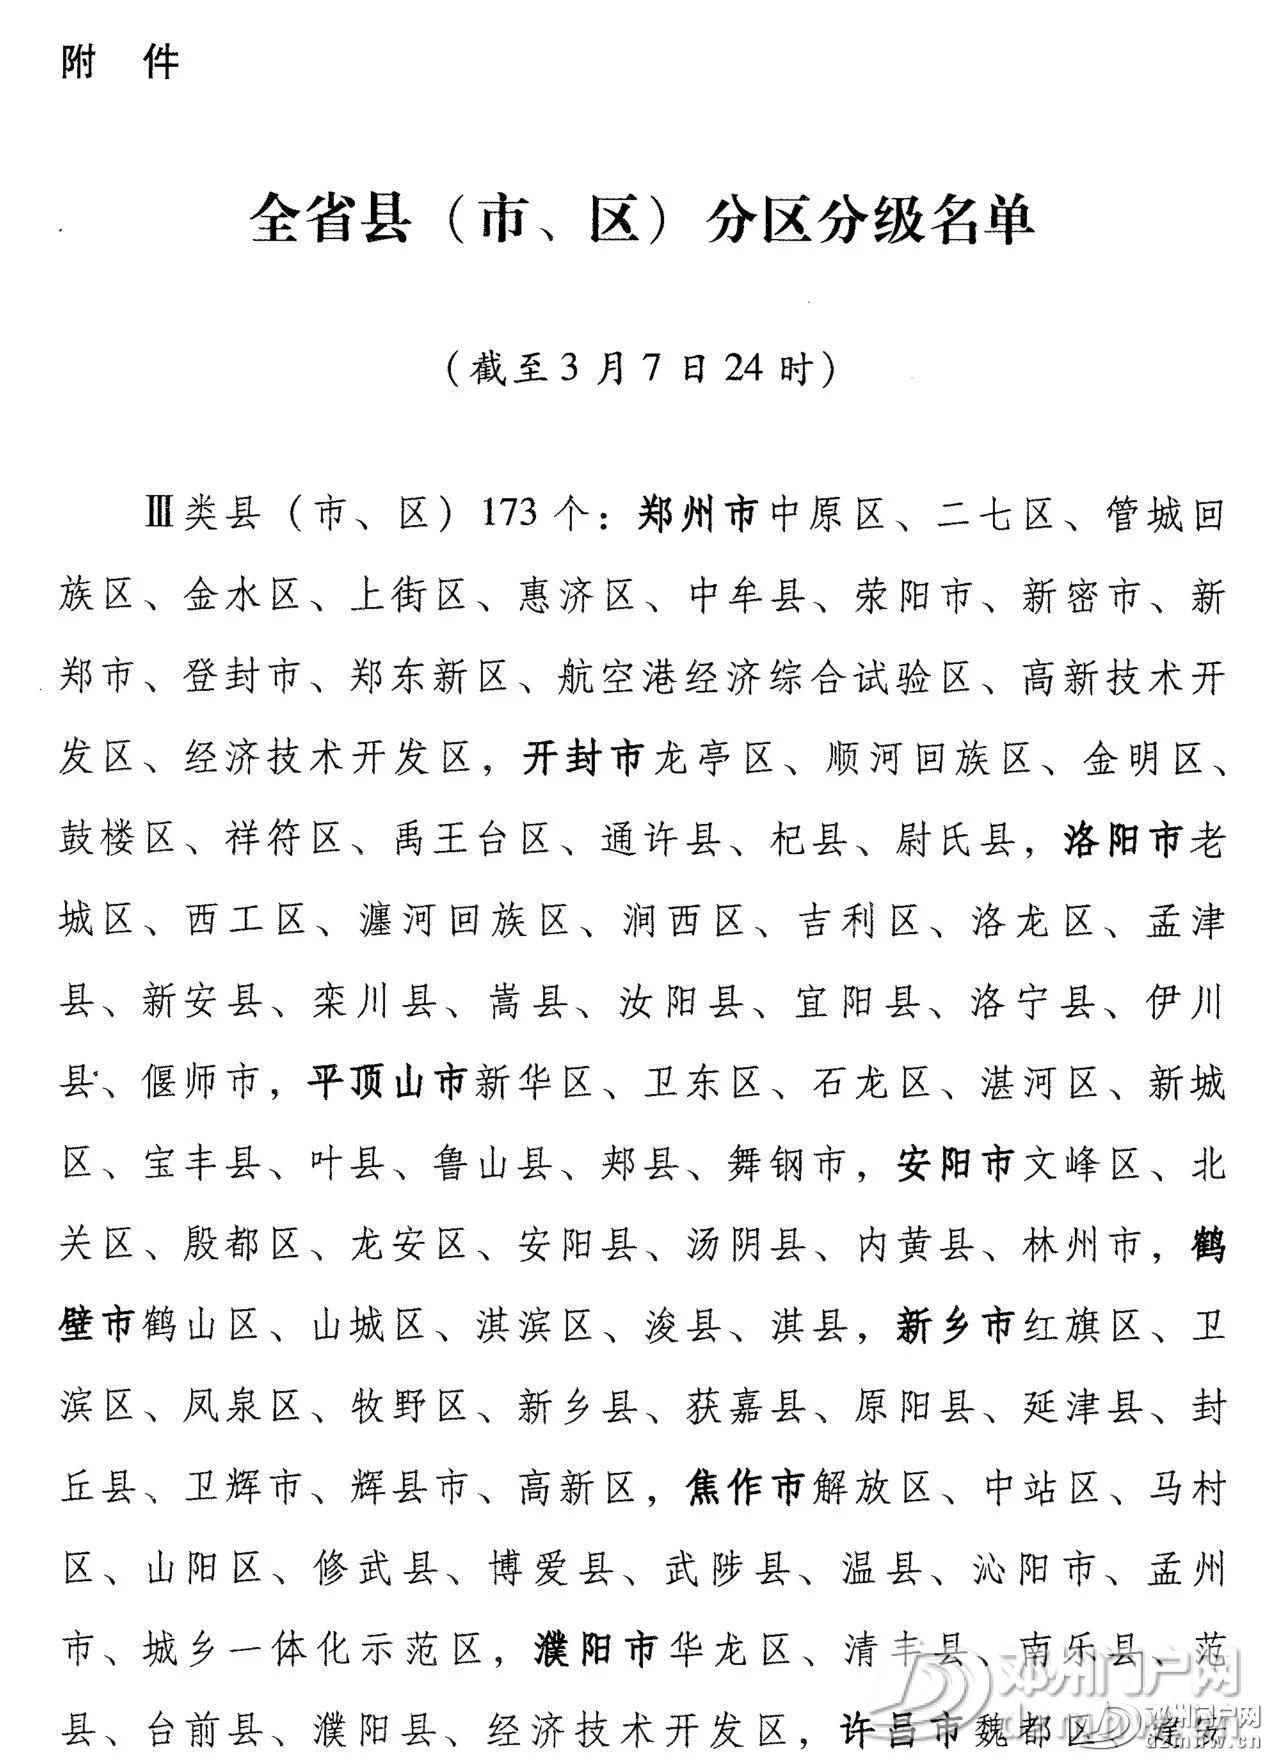 最新!邓州被省定为Ⅲ类区域,或将全面恢复正常秩序 - 邓州门户网|邓州网 - 8537504b848c8369b820d98c7a316c0b.jpg